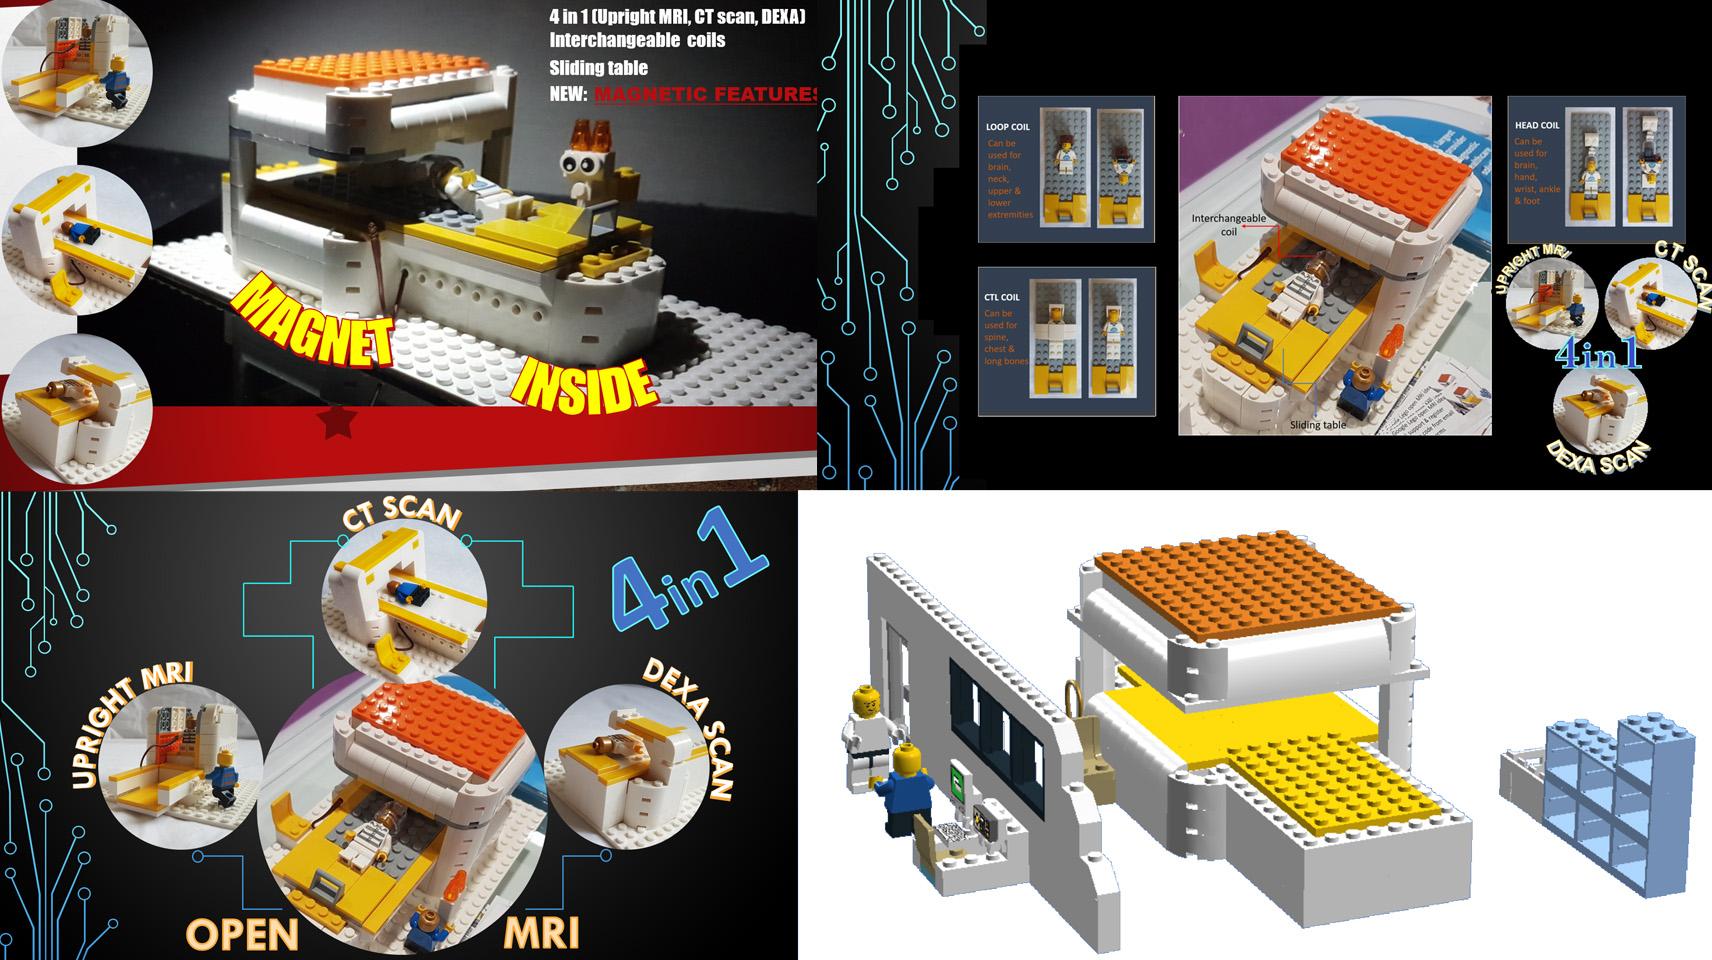 オープンMRI:Open MRIがレゴ(LEGO)アイデア製品化レビュー進出!2020年第3回1万サポート獲得デザイン紹介